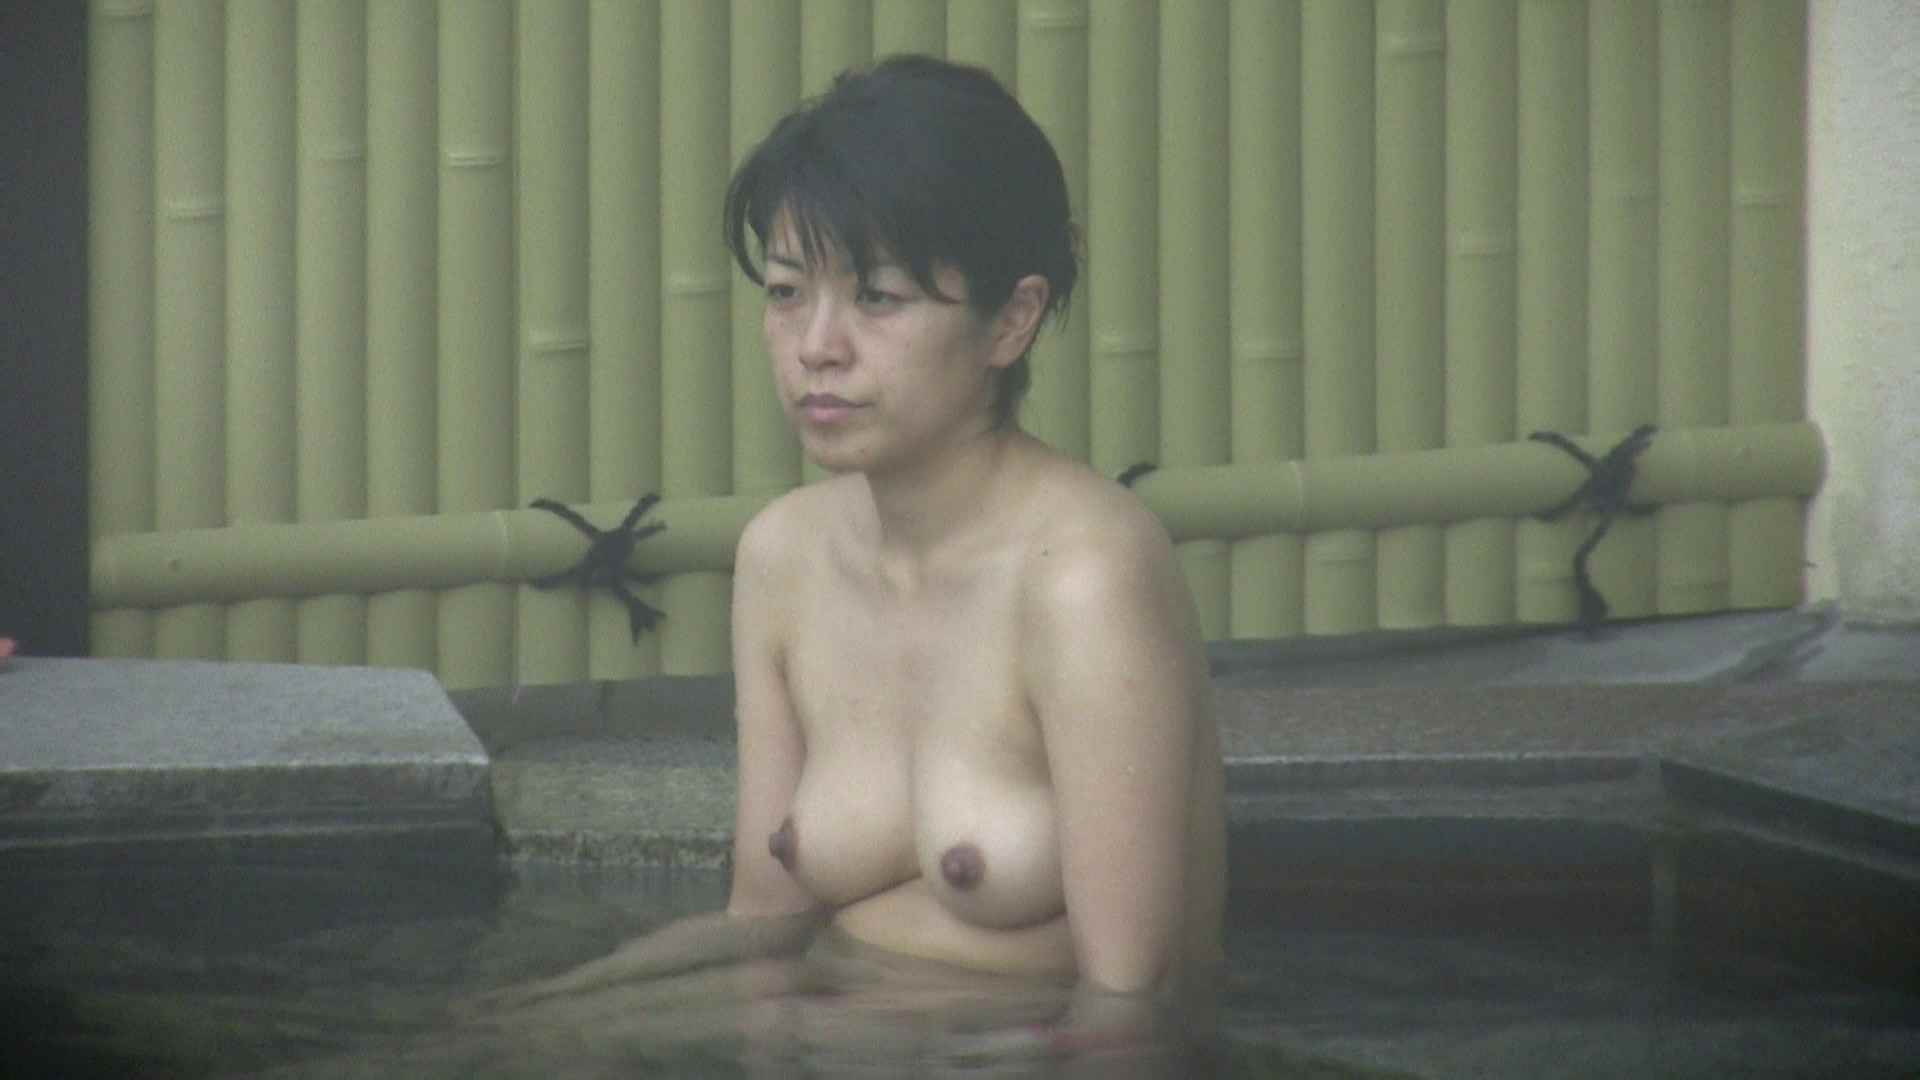 Aquaな露天風呂Vol.585 0  64pic 42